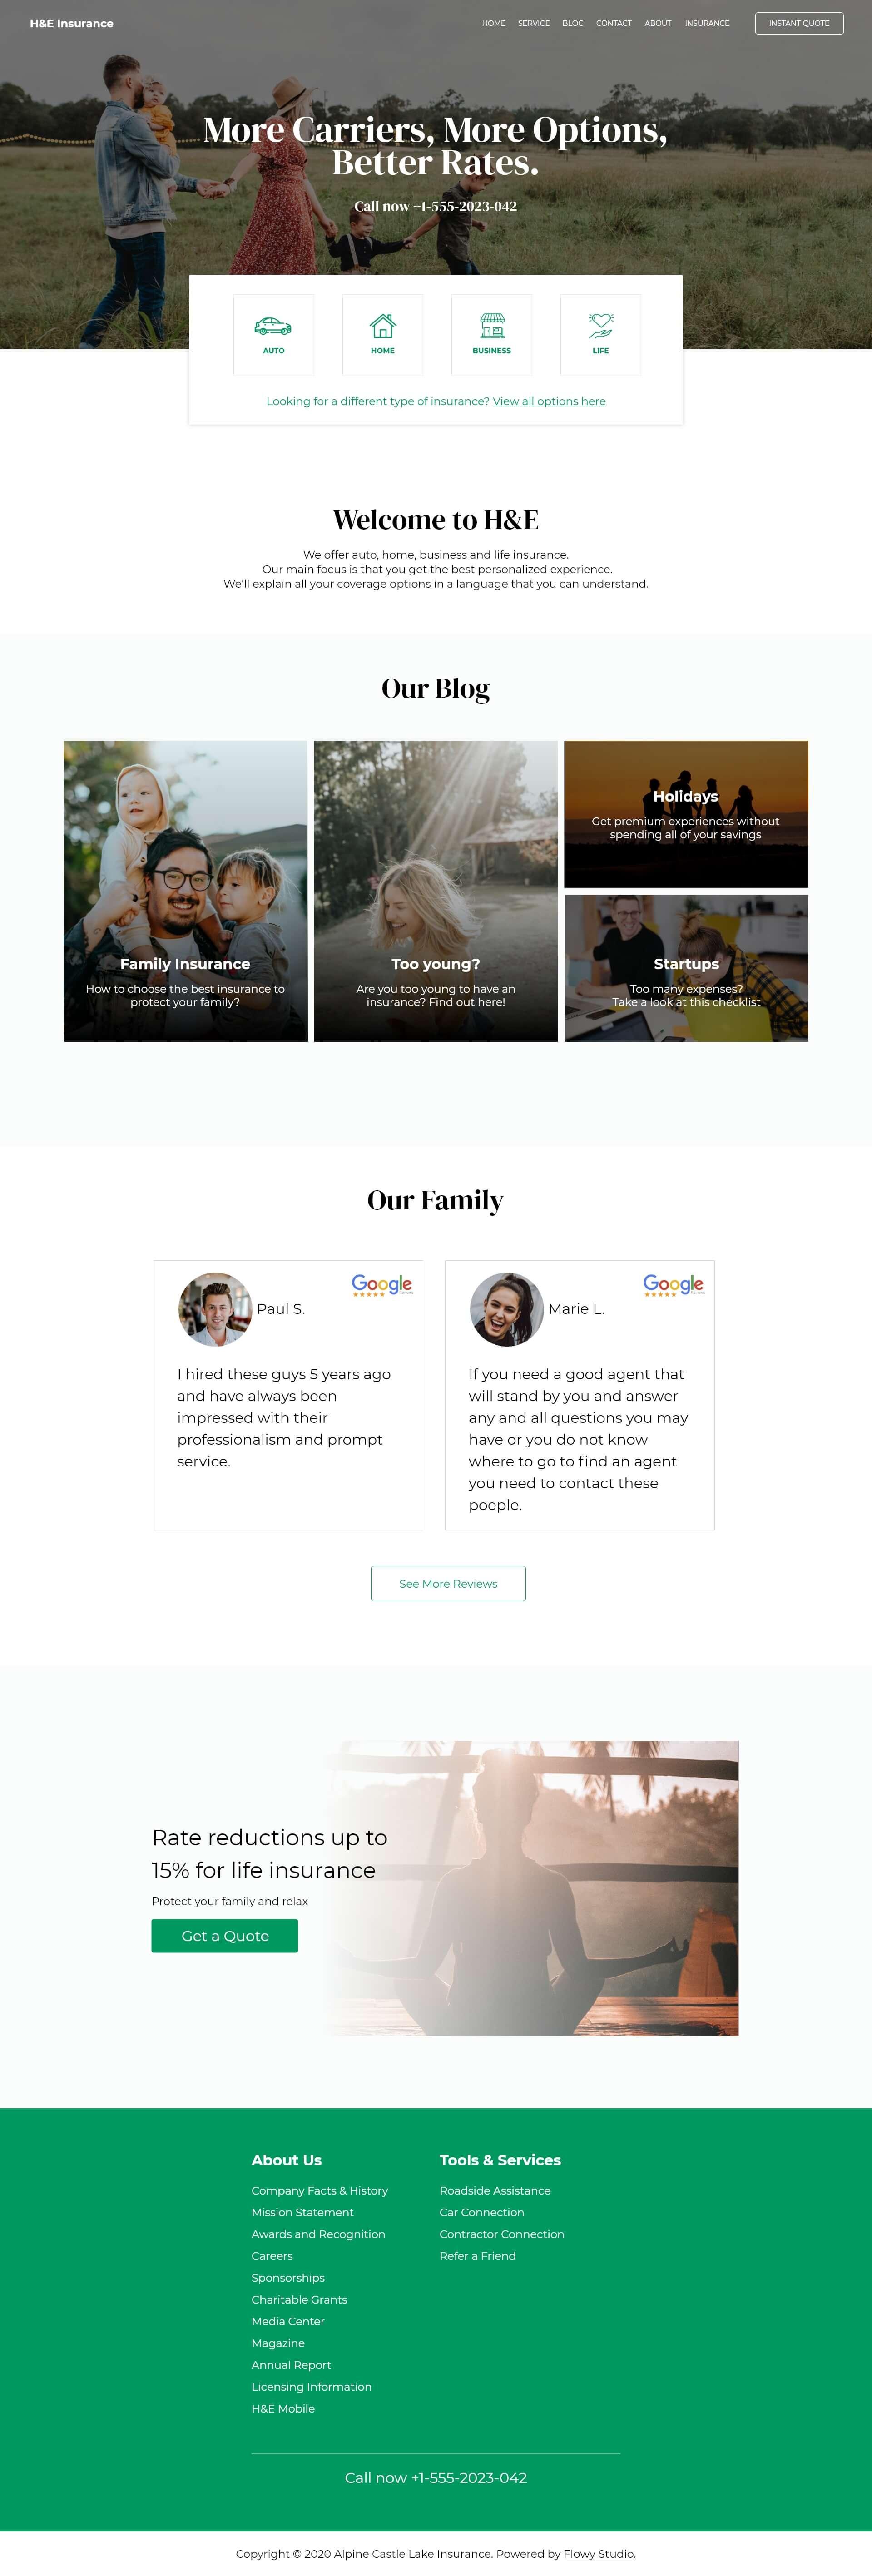 Flowy Web Design for H&E Insurance